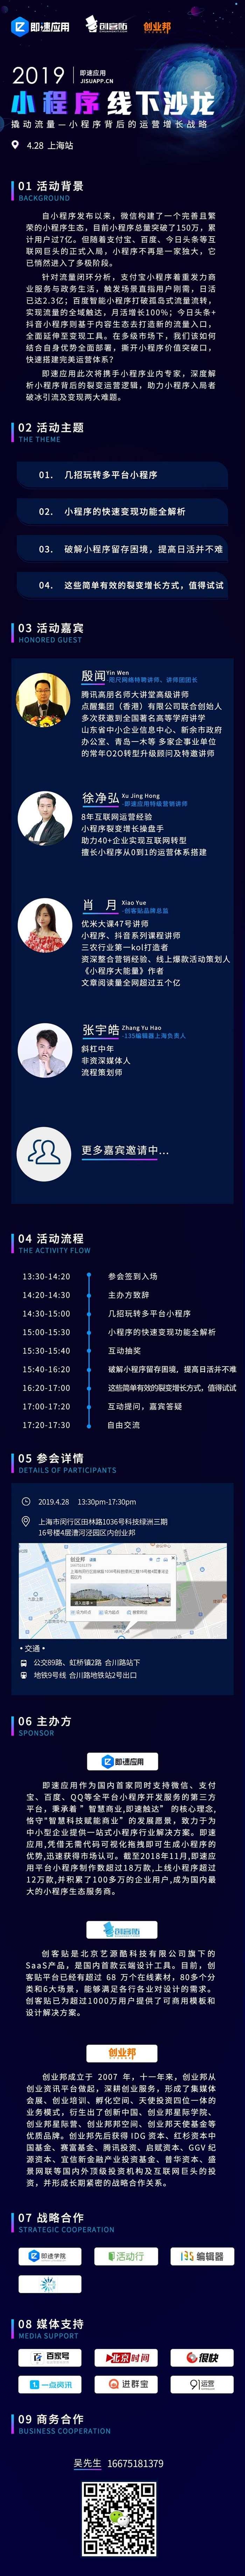 上海长图活动行.png